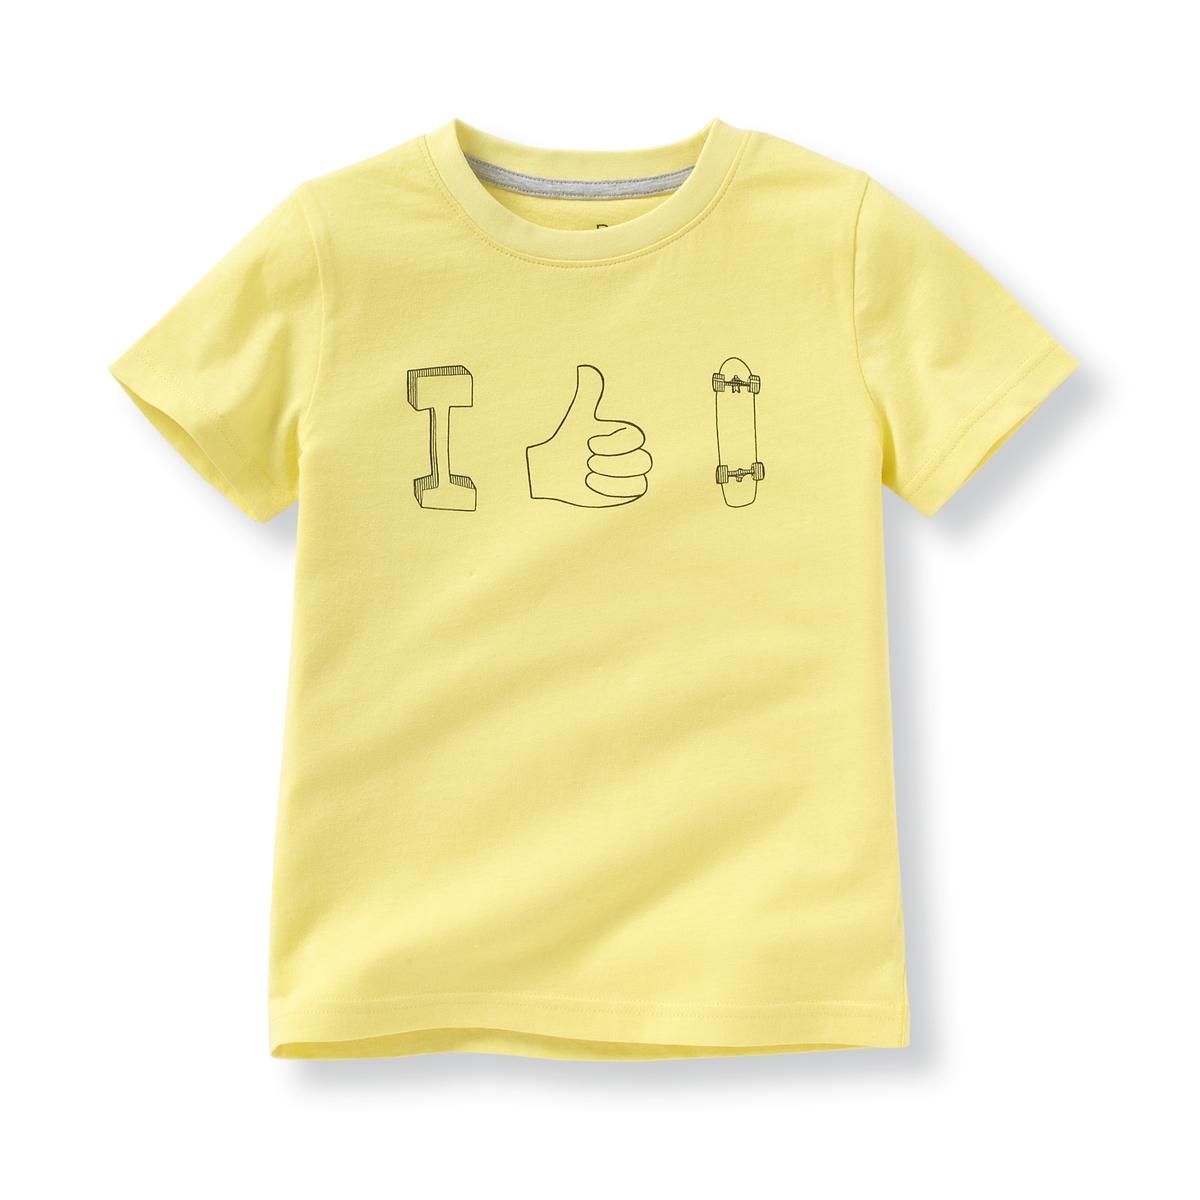 Комплект из 2 футболок с рисунком, 3-12 летВ комплекте 2 футболки с круглым вырезом. 1 с длинными рукавами + 1 с короткими рукавами и рисунком  Состав и описаниеМатериал       100% хлопок (кроме цвета серый меланж : преимущественно из хлопка).Марка       R ?ditionУход:Стирать и гладить с изнаночной стороныМашинная стирка при 30 °C с вещами схожих цветовМашинная сушка запрещенаГладить на низкой температуре<br><br>Цвет: серый меланж + желтый<br>Размер: 3 года - 94 см.12 лет -150 см.8 лет - 126 см.6 лет - 114 см.5 лет - 108 см